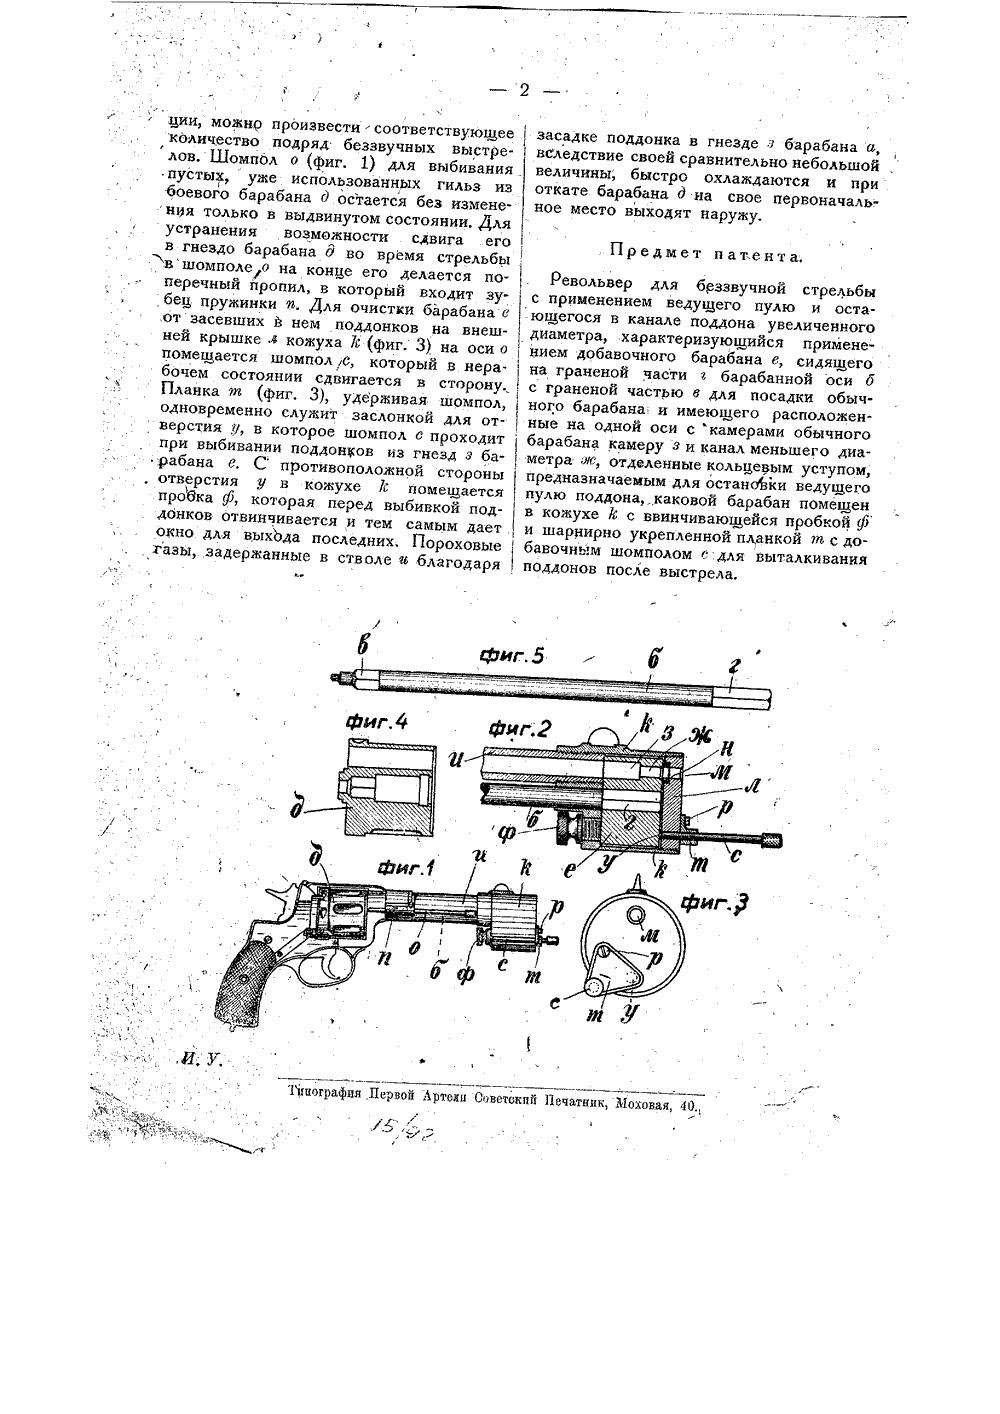 19494-revolver-dlya-bezzvuchnojj-strelby-s-primeneniem-vedushhego-pulyu-i-ostayushhegosya-v-kanale-poddona-uvelichennogo-diametra-2